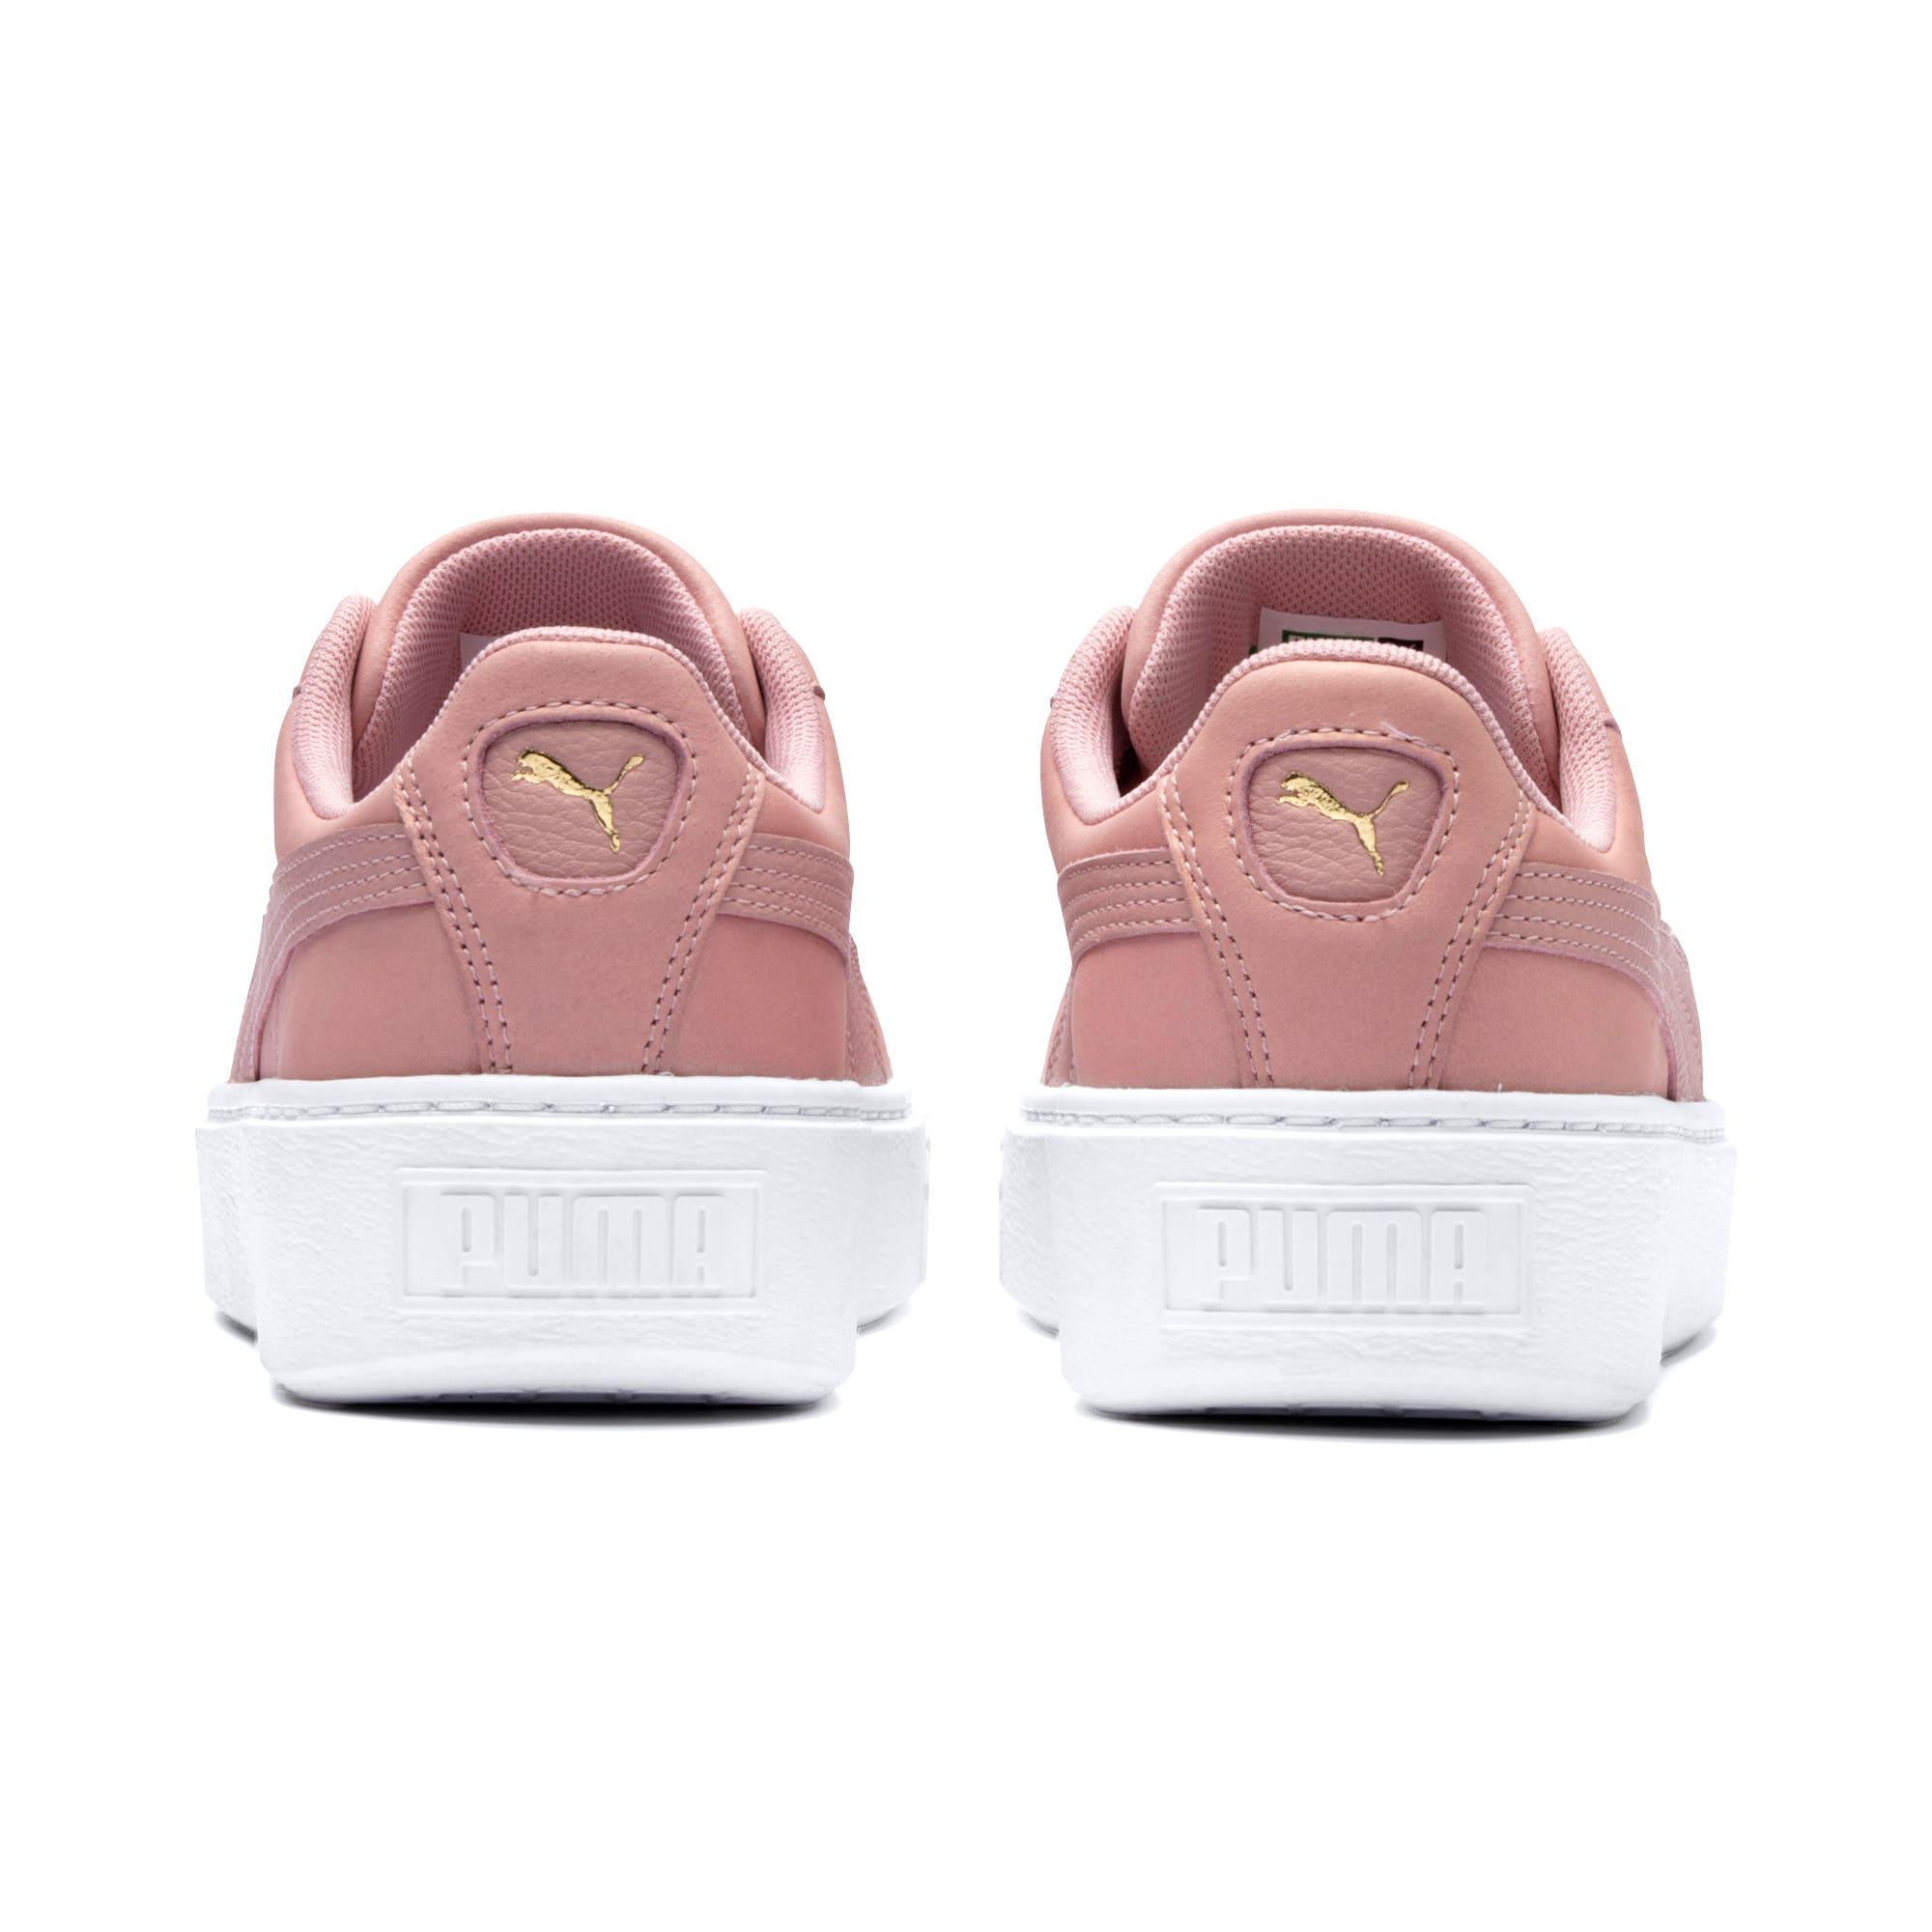 Damen Damen Damen Shimmer Sneaker Shimmer Platform Platform Sneaker Shimmer Platform 7yfgbvIY6m